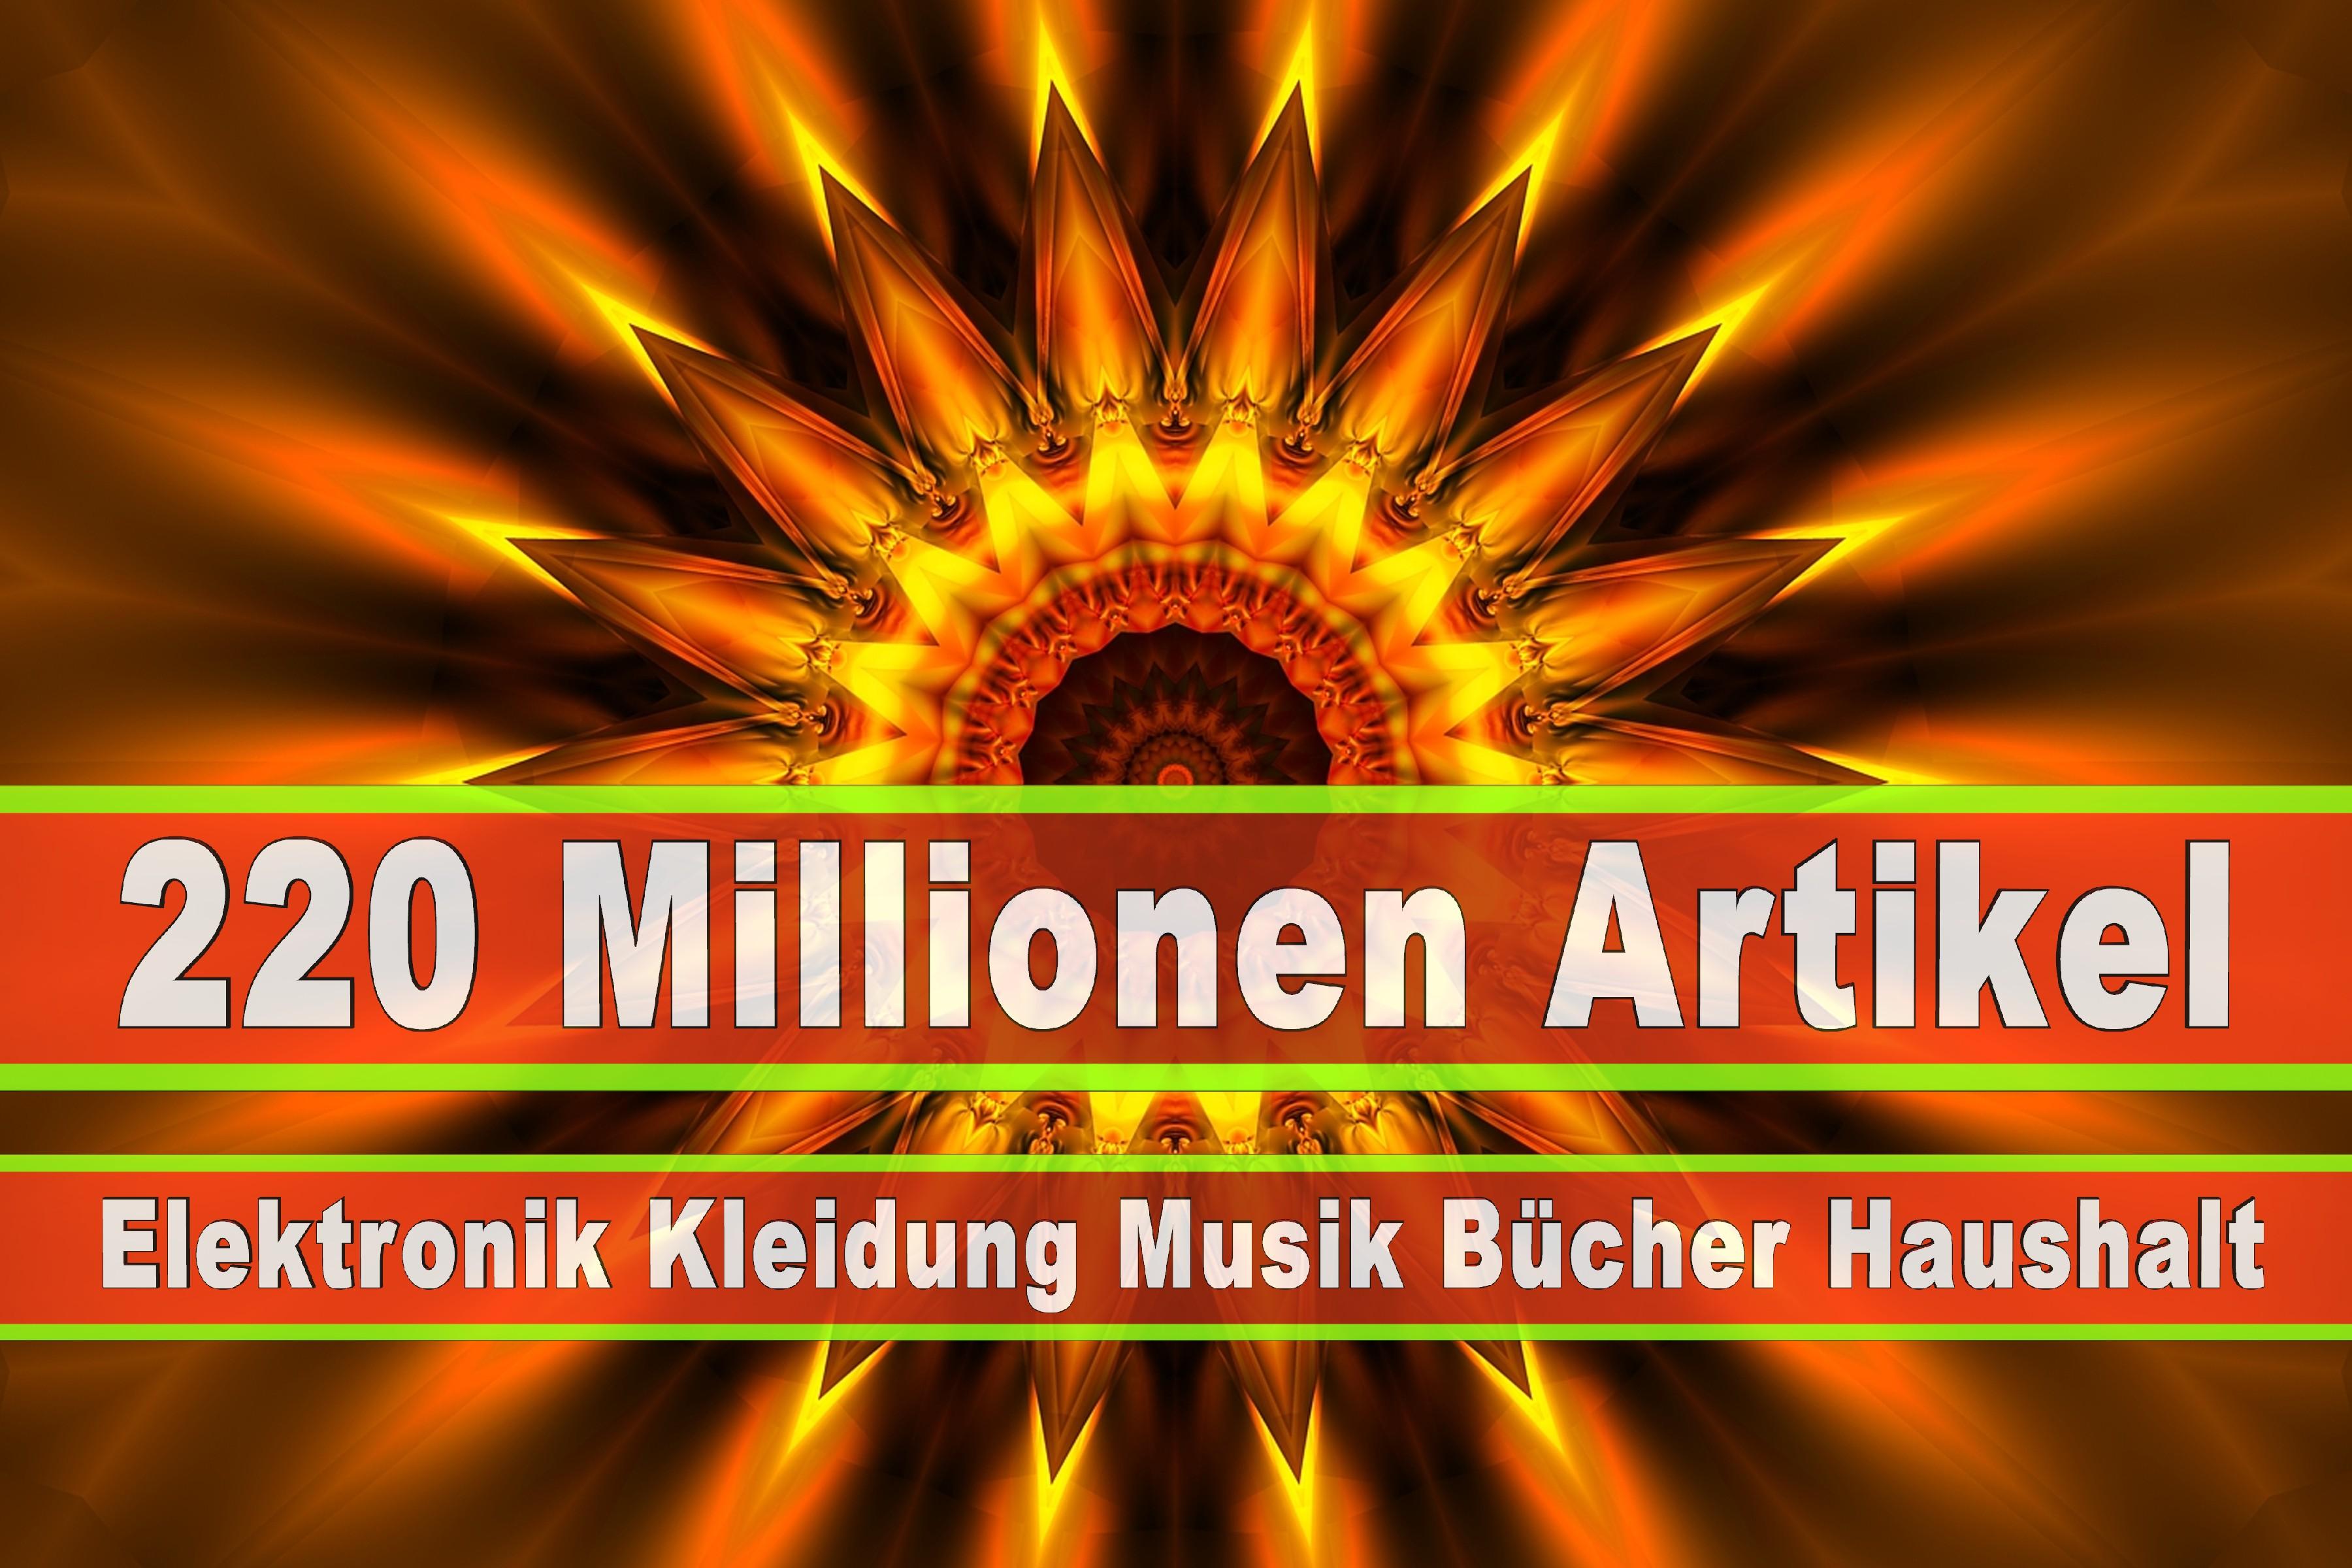 Amazon Elektronik Musik Haushalt Bücher CD DVD Handys Smartphones TV Television Fernseher Kleidung Mode Ebay Versandhaus (210)